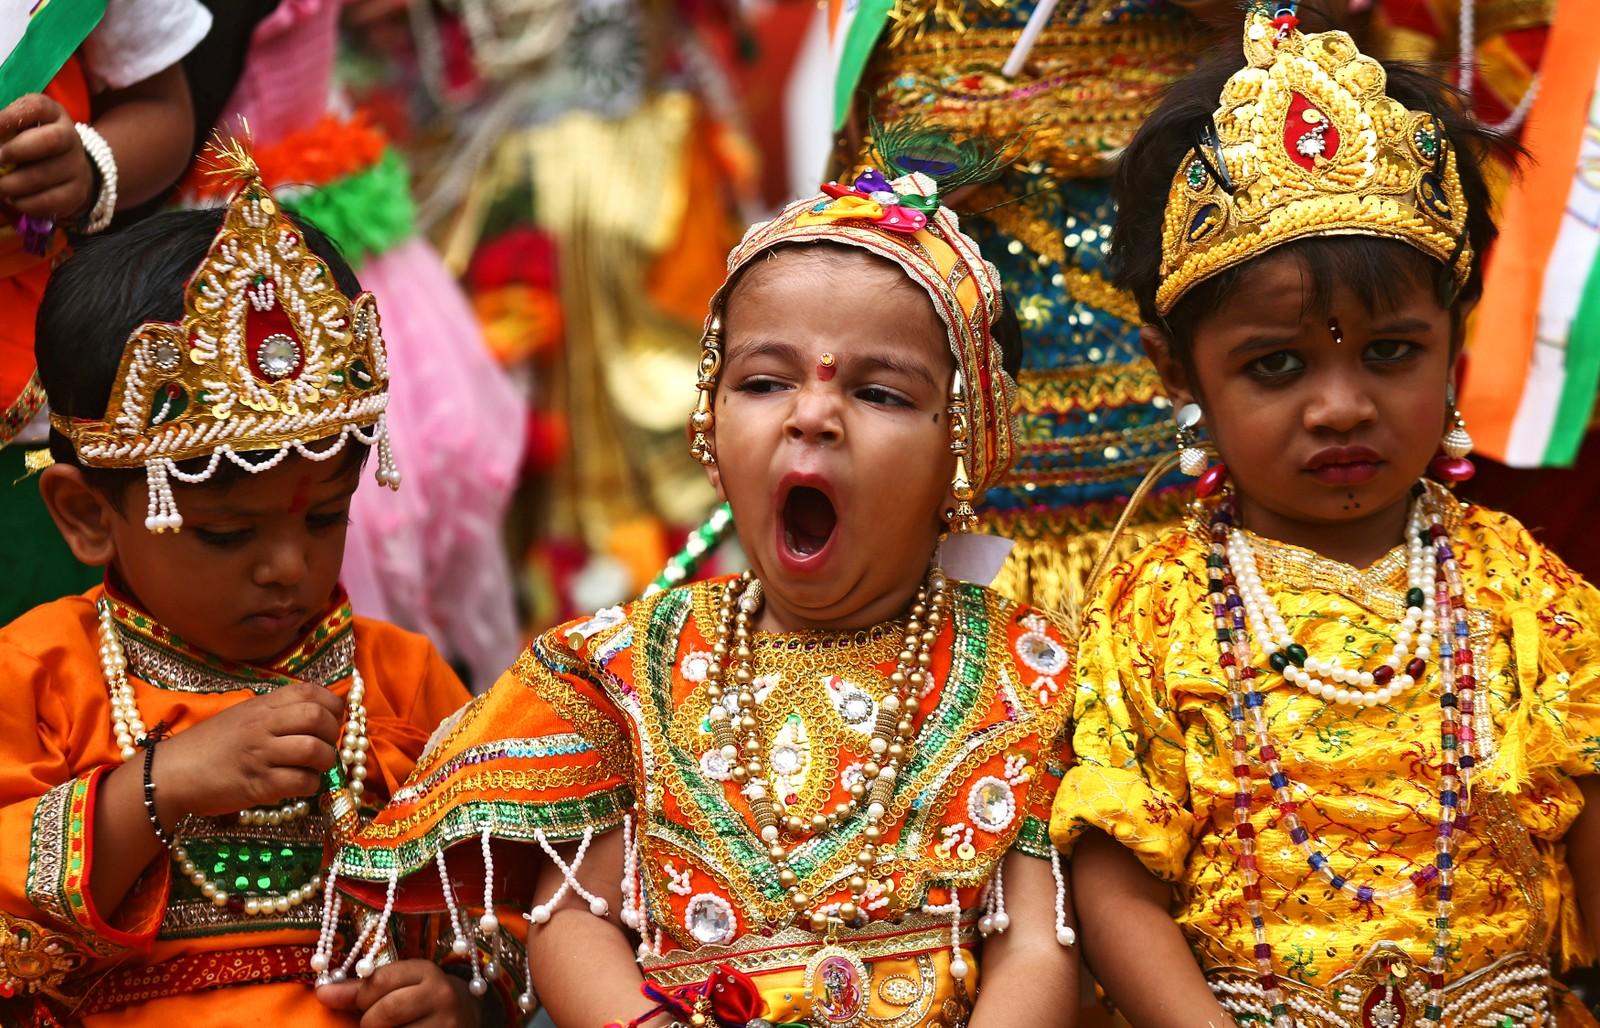 Skolebarn utkledd som Krishna venter på å opptre under festivalen Janmashtami. Festivalen markerer fødselen til Krishna.